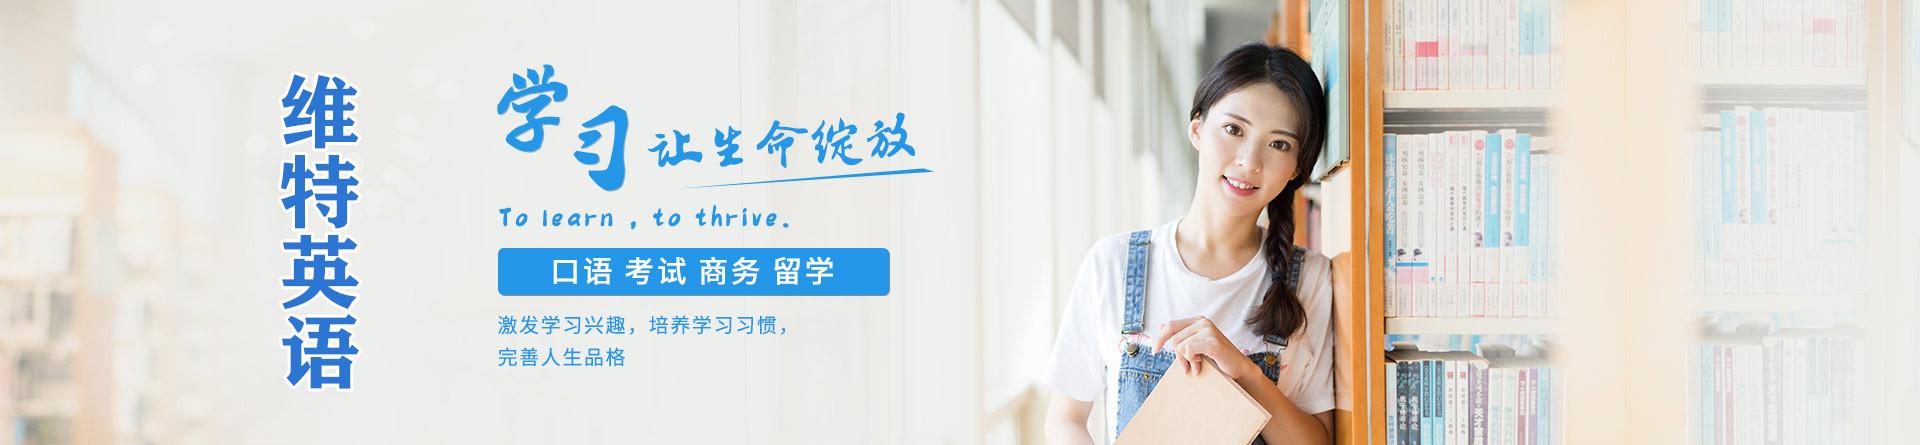 深圳龙华维特国际英语培训机构